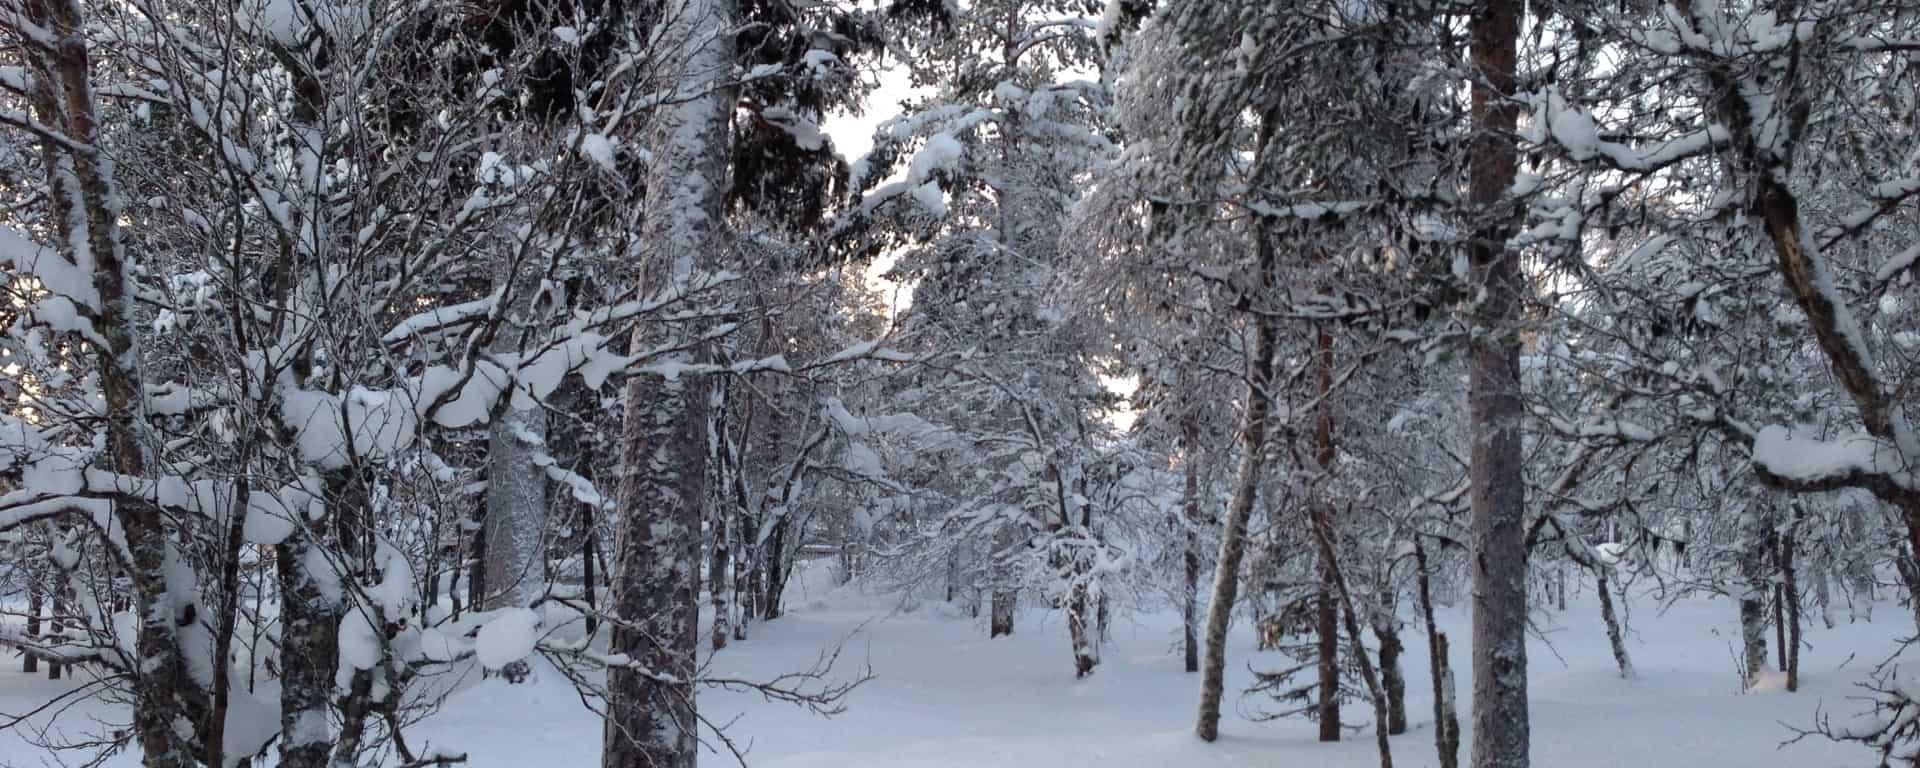 Mein Winteranfang mit Bridgestone Winterreifen 1